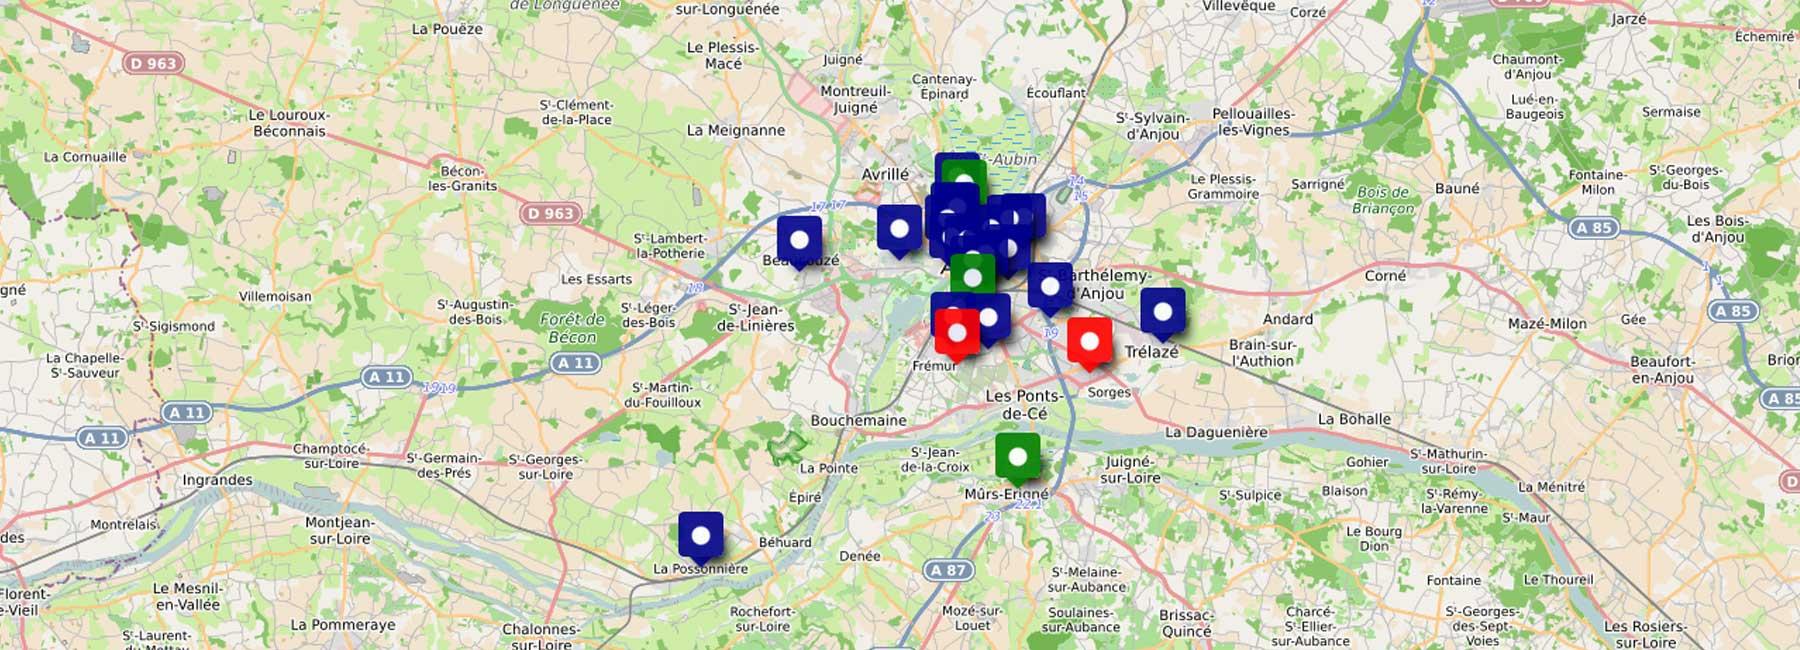 Portail Du Département - Maine-Et-Loire (49) concernant Département 13 Carte